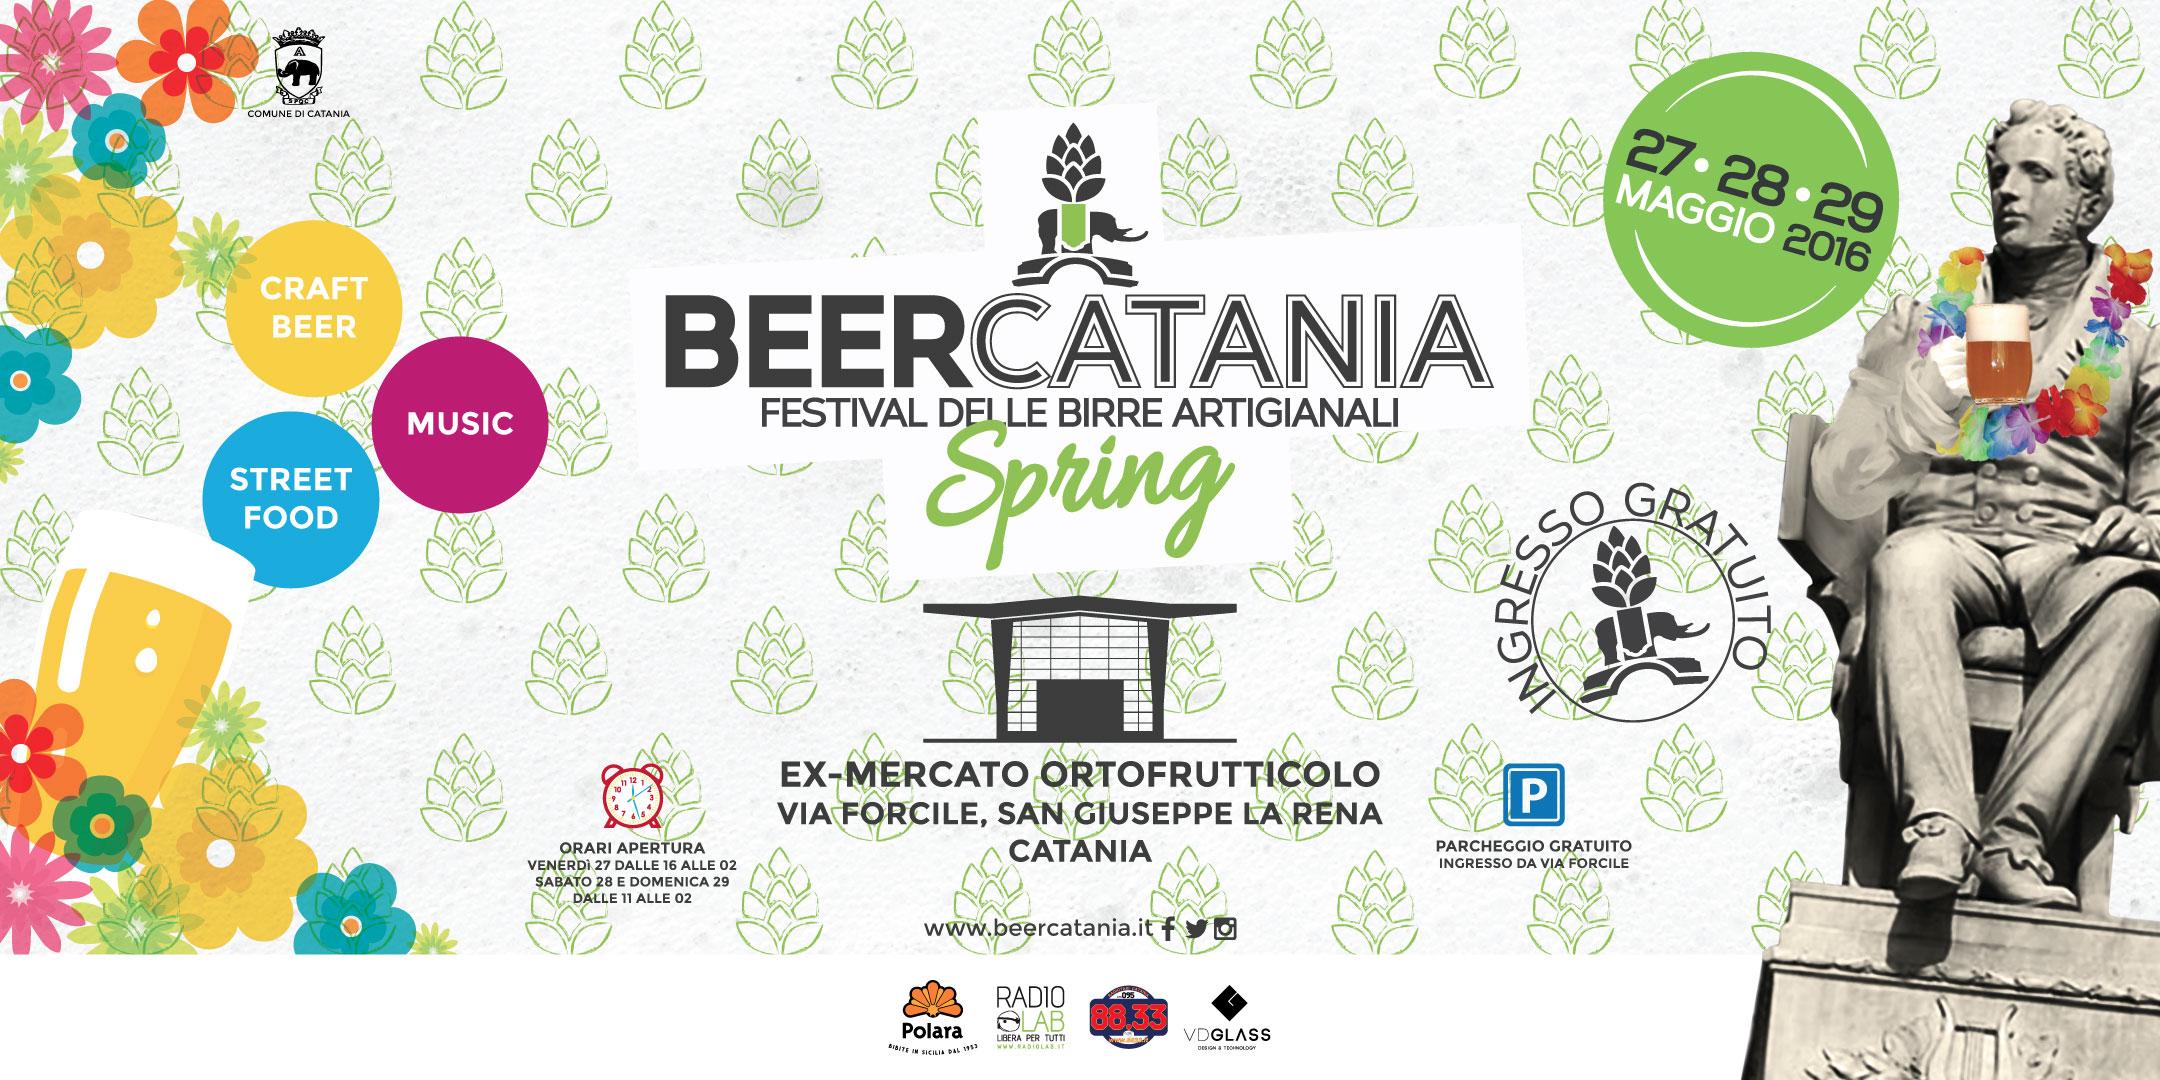 BeerCatania spring: Torna il festival delle birre artigianali, 27/29 maggio 2016